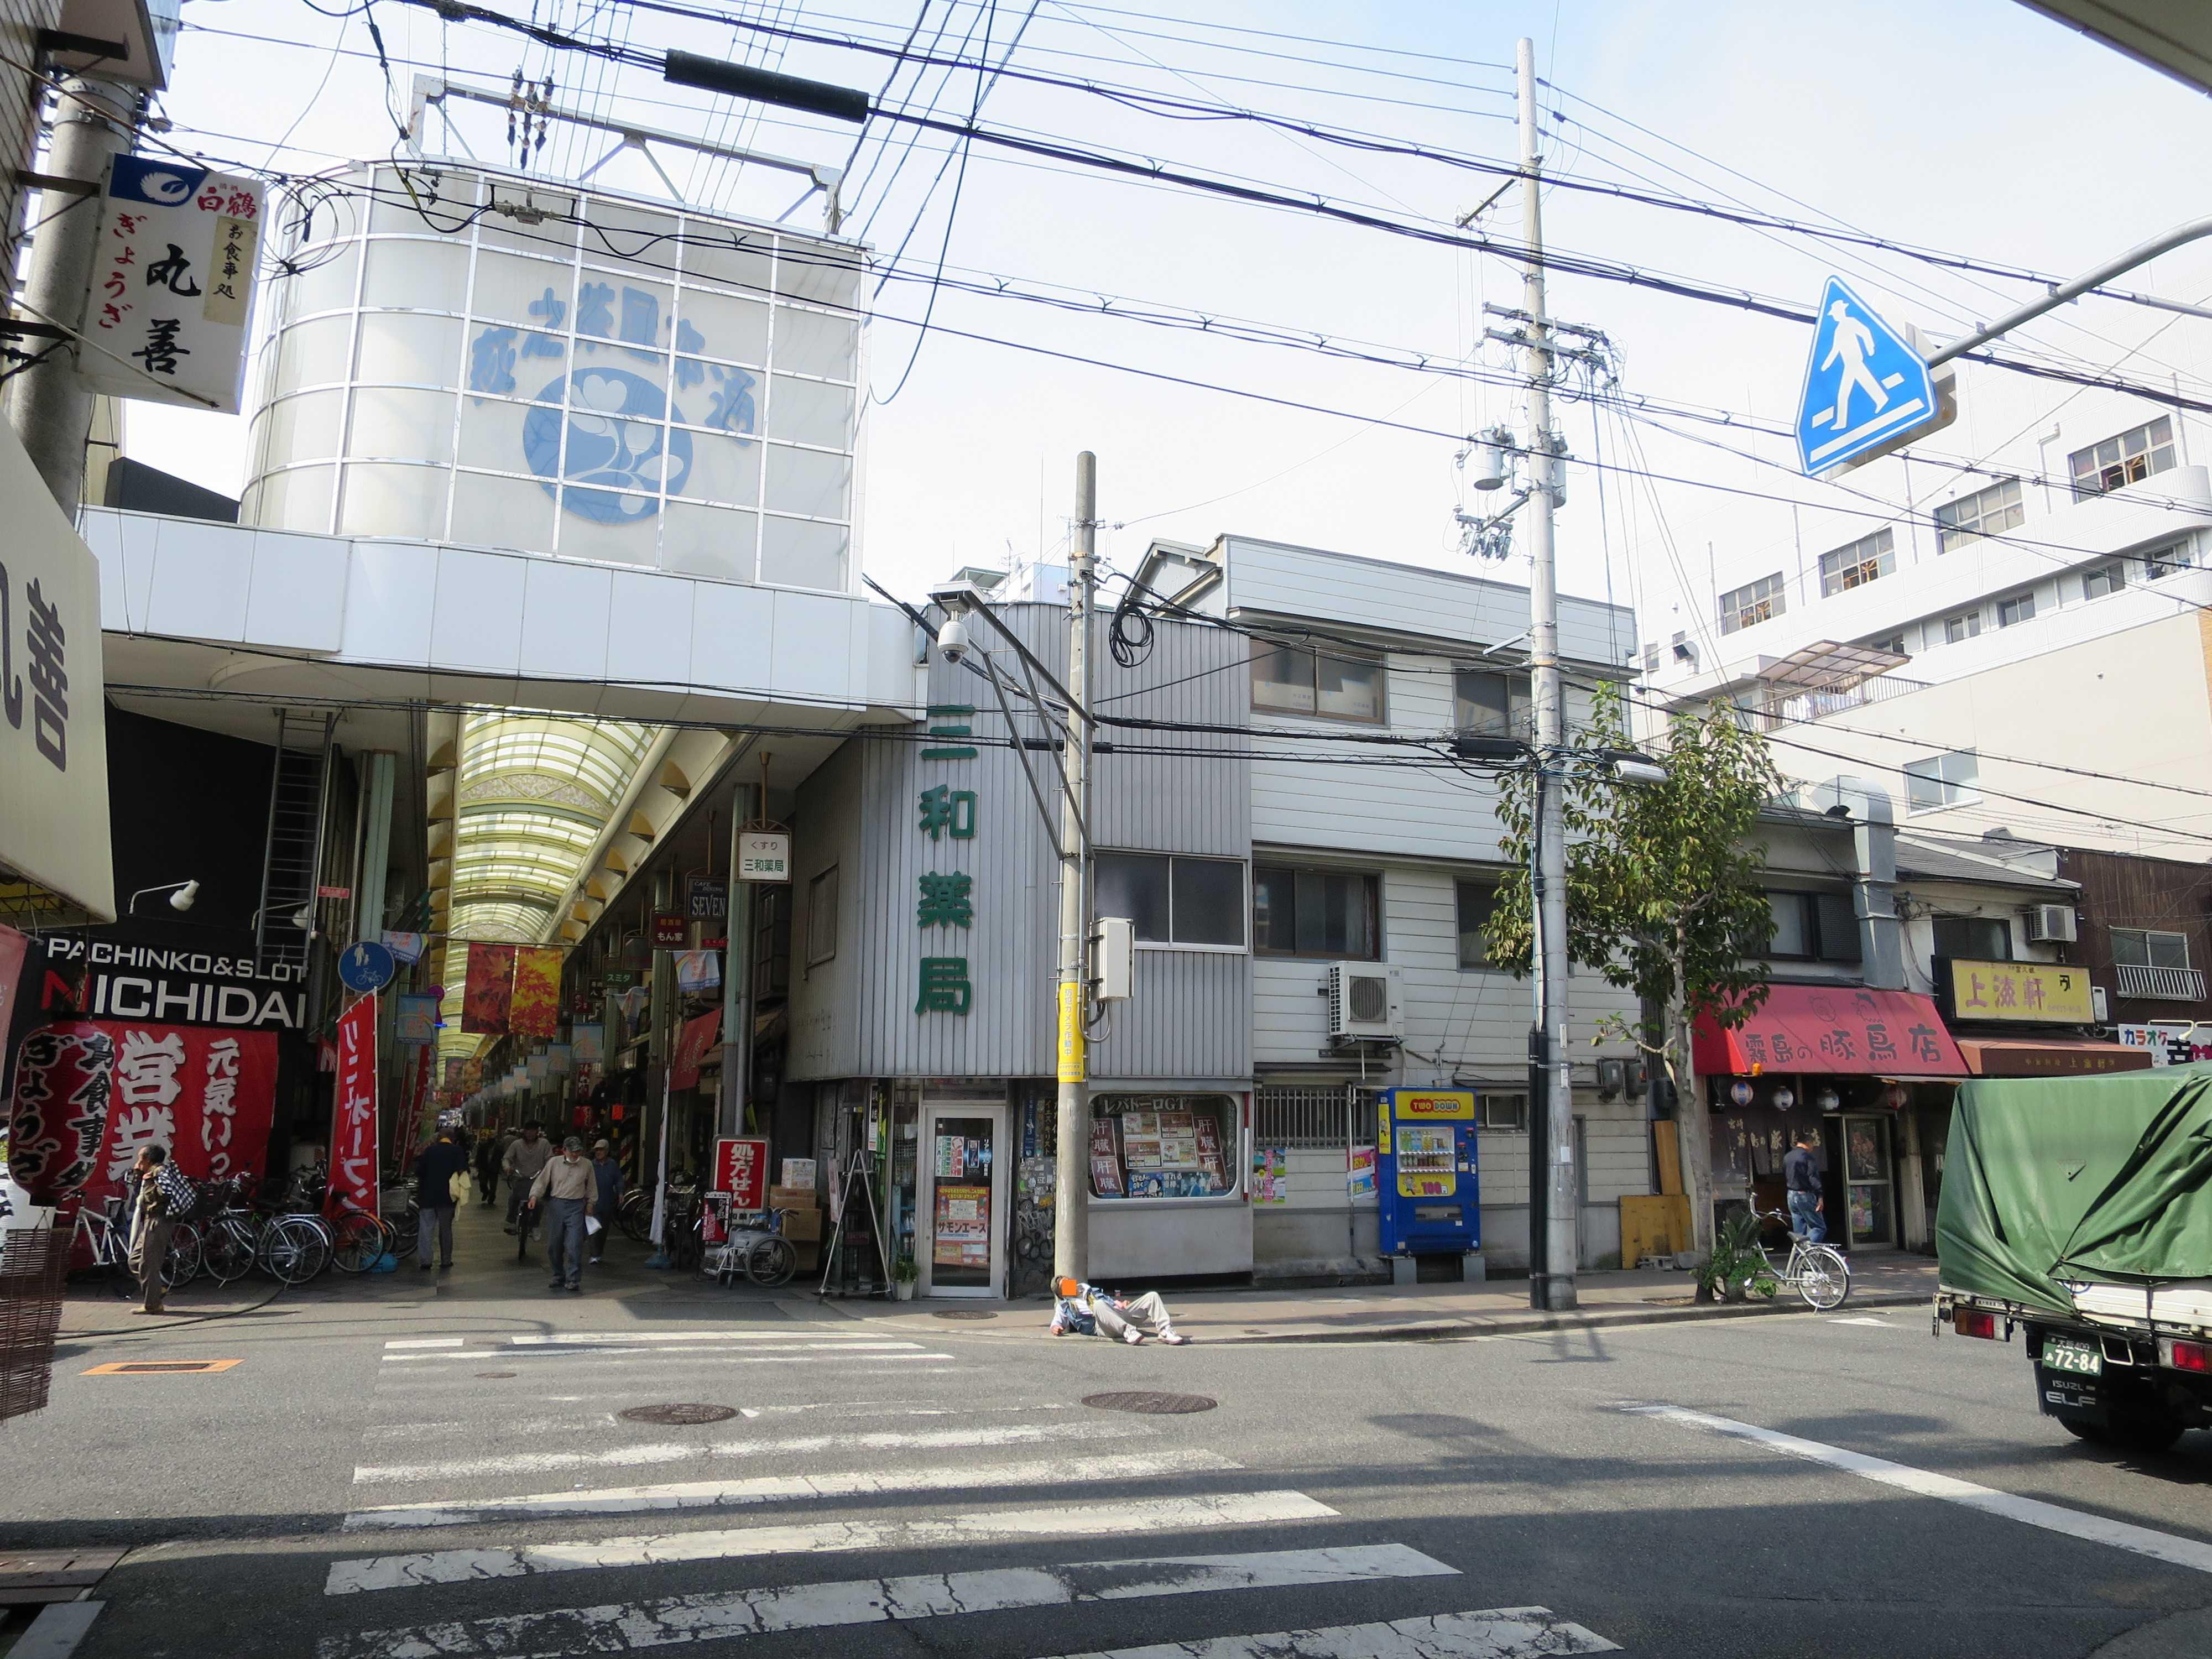 大阪・西成のドヤ街 - 酔っ払って道端で寝ている日雇労働者(ホームレス)